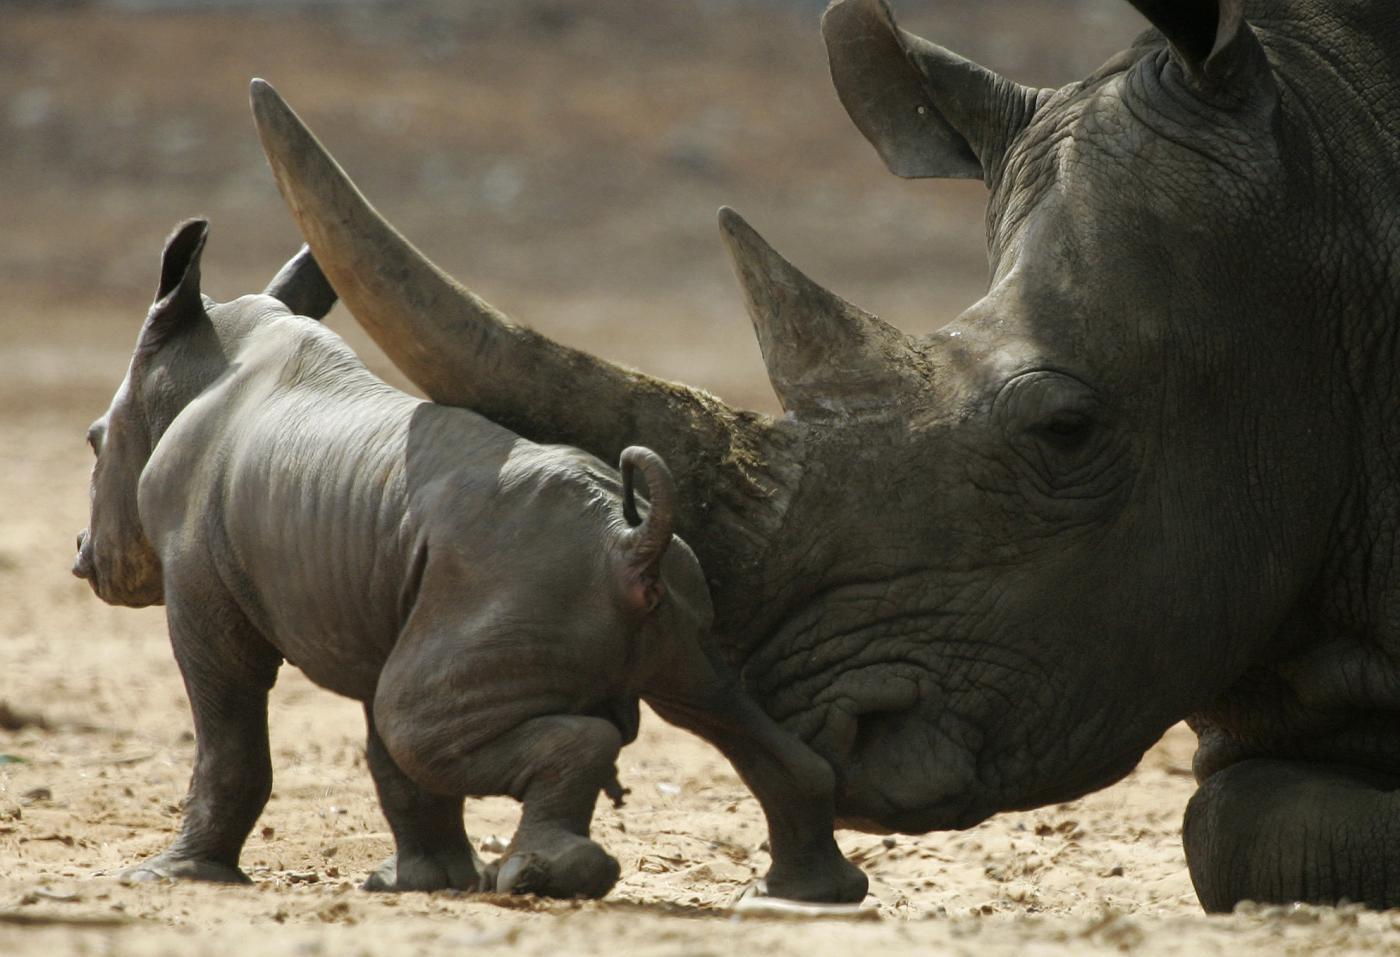 Rinoceronti sempre più a rischio estinzione a causa dei bracconieri